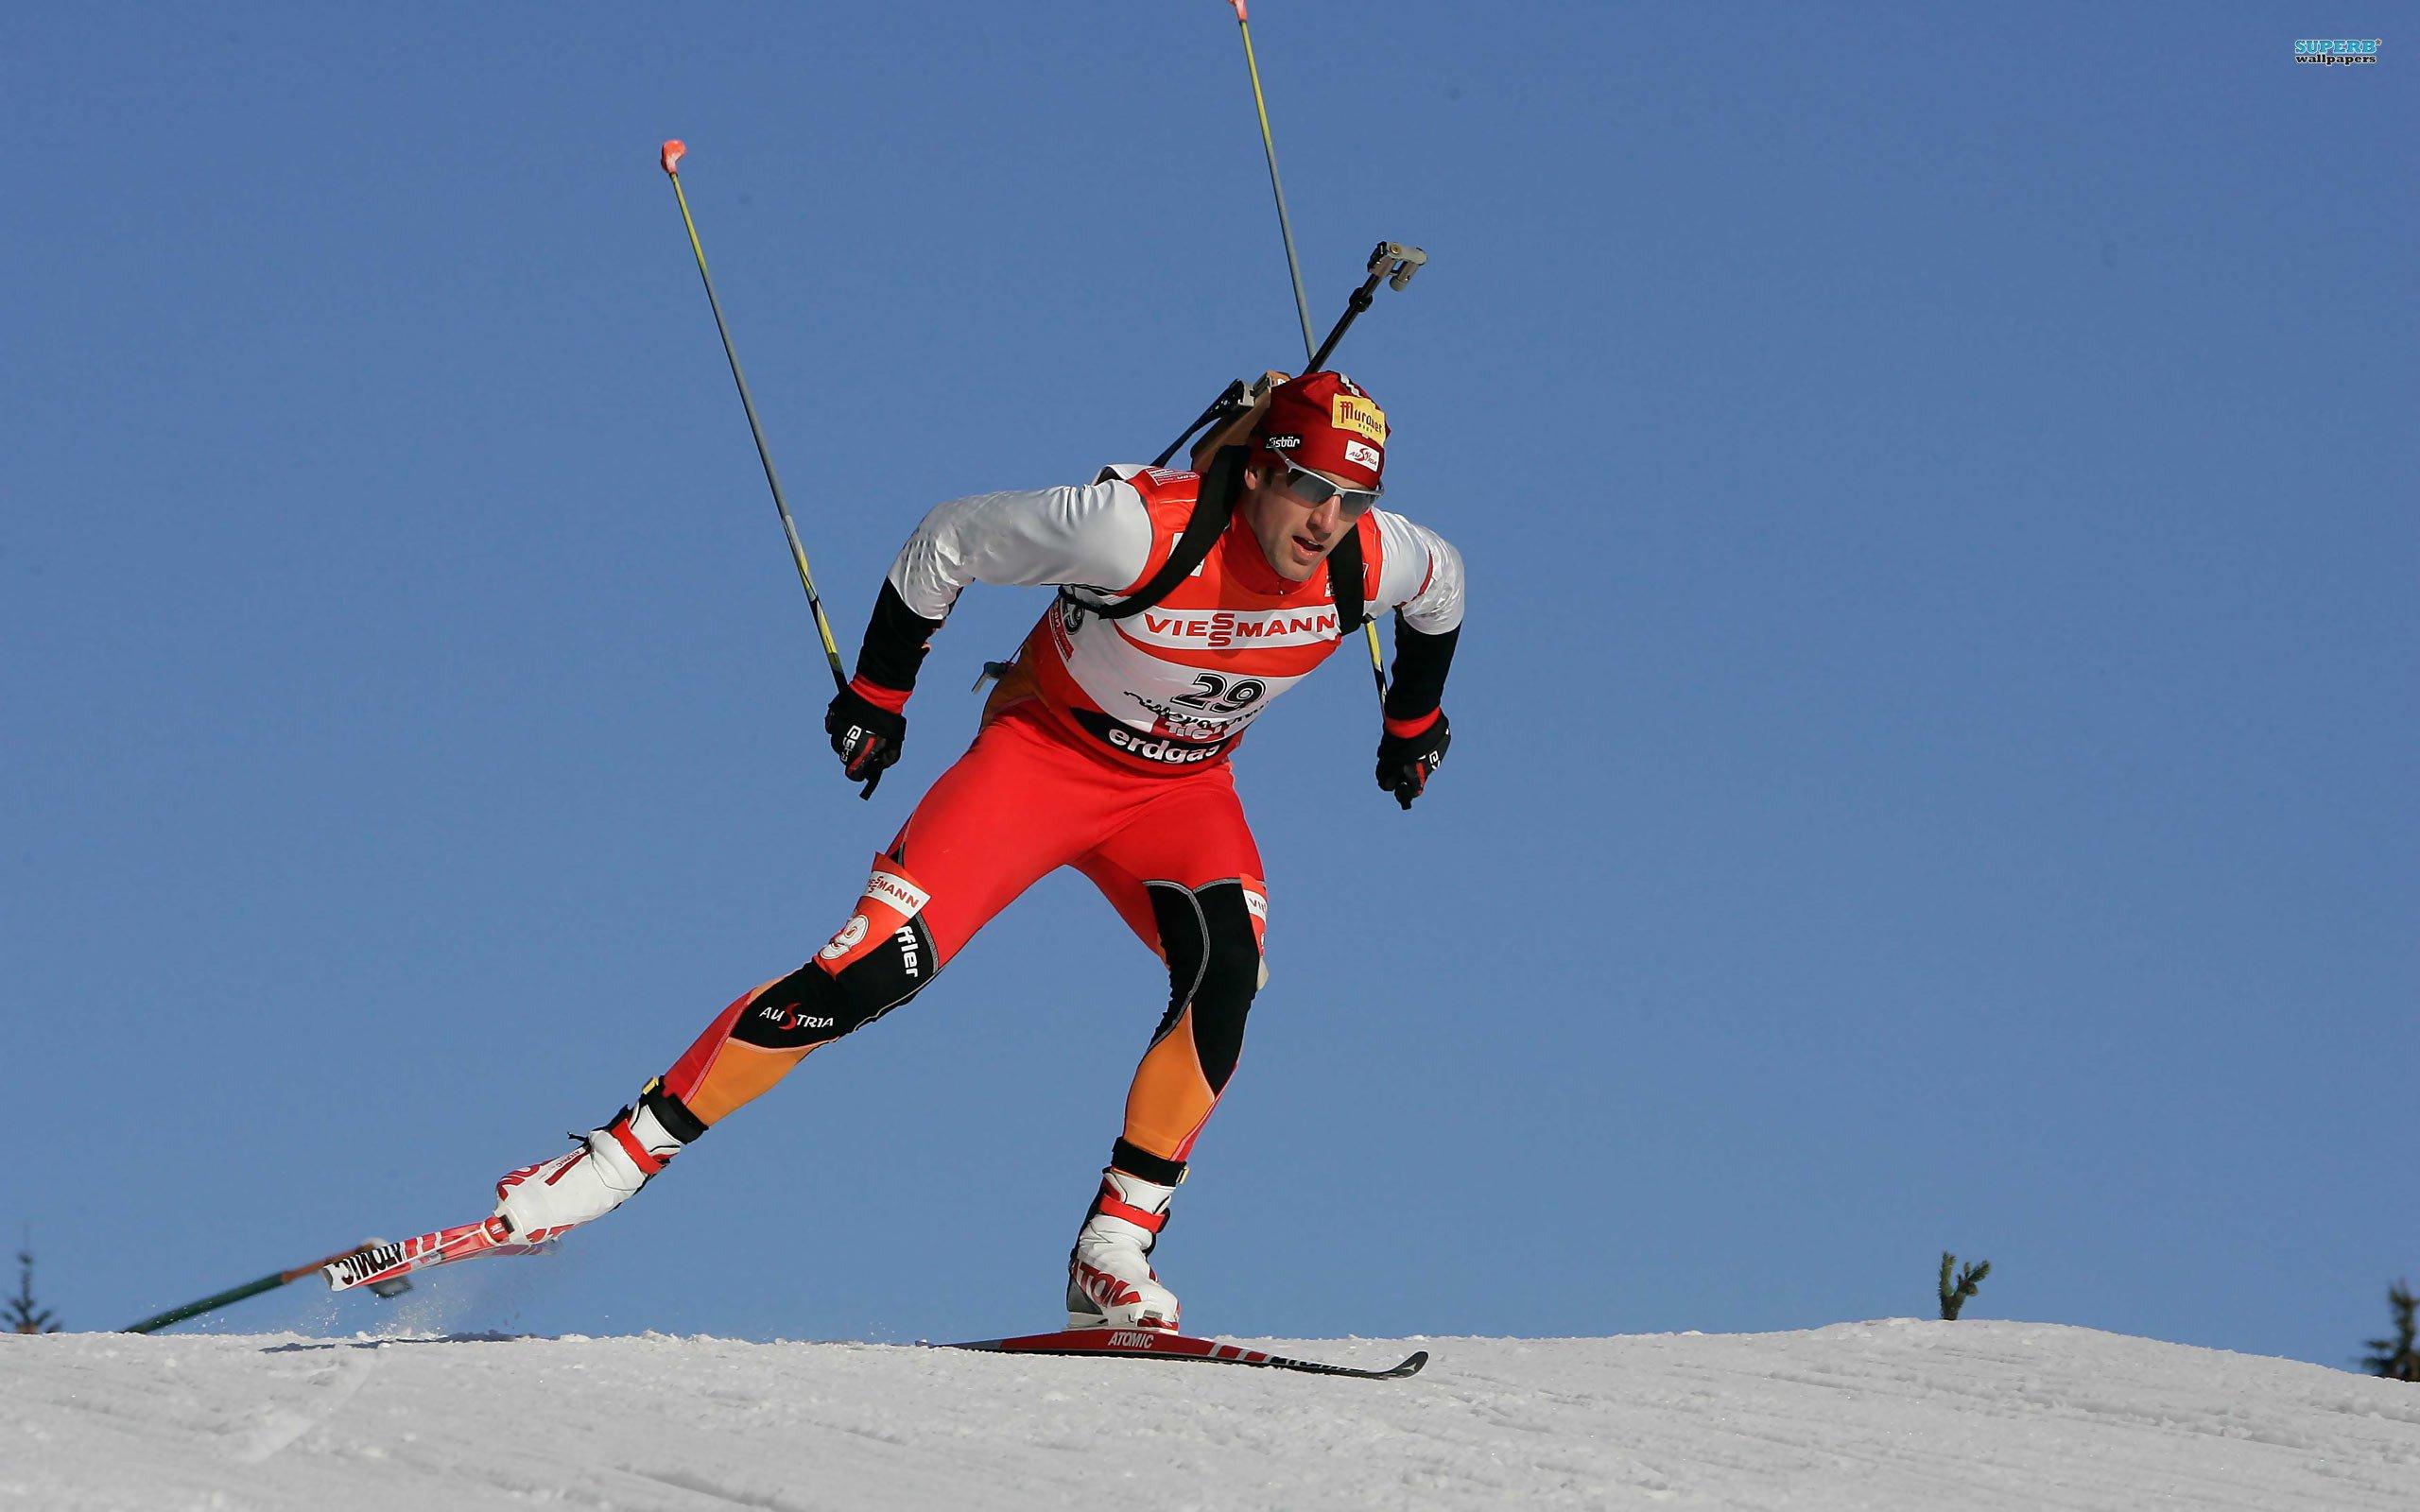 Biathlon Wallpaper 15   2560 X 1600 stmednet 2560x1600